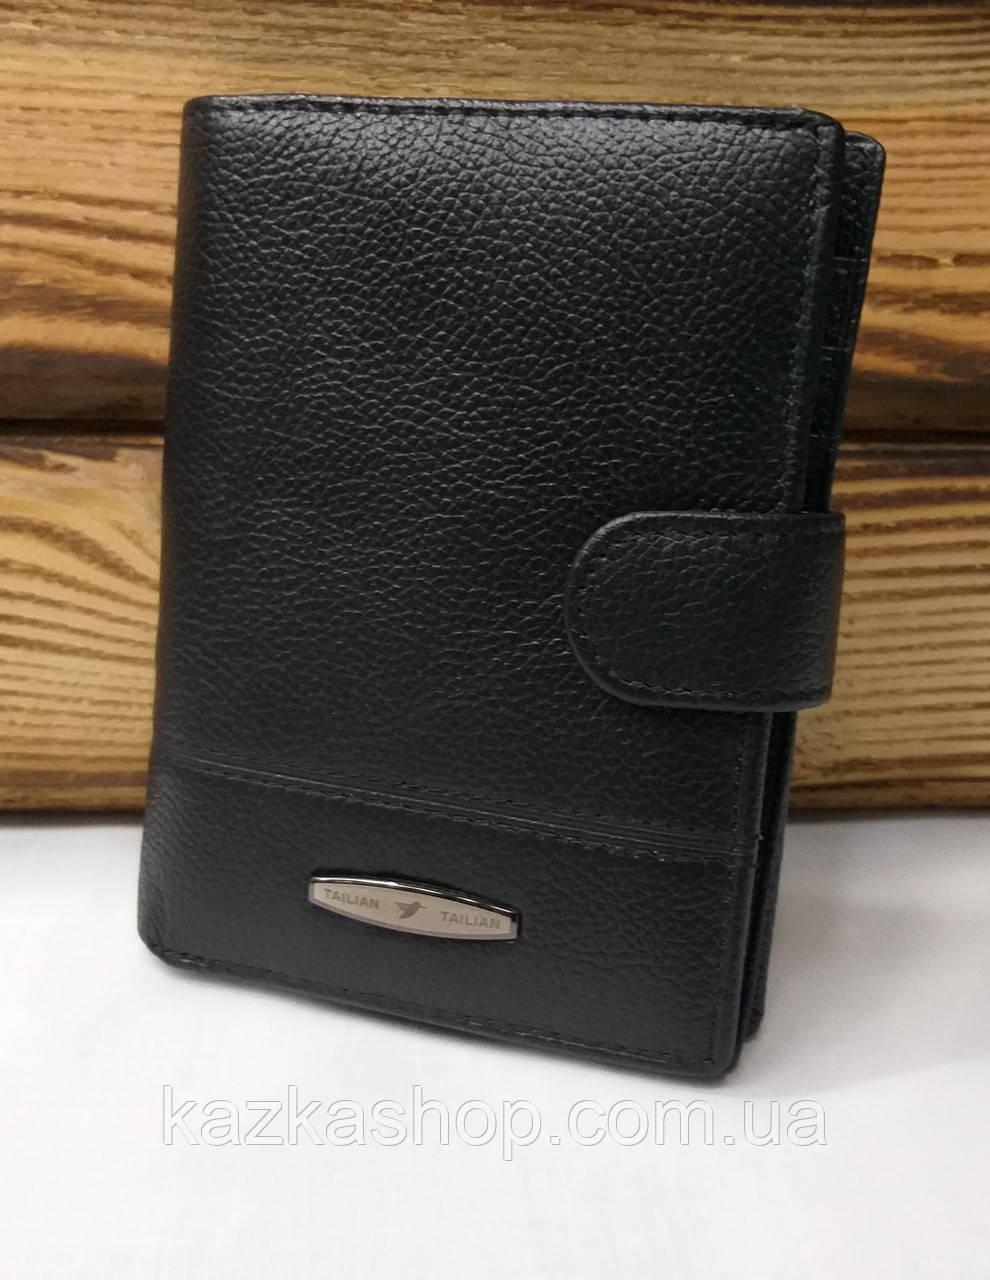 Мужской кошелек, портмоне из натуральной кожи, с отделом под паспорт, 9 отделений для карт